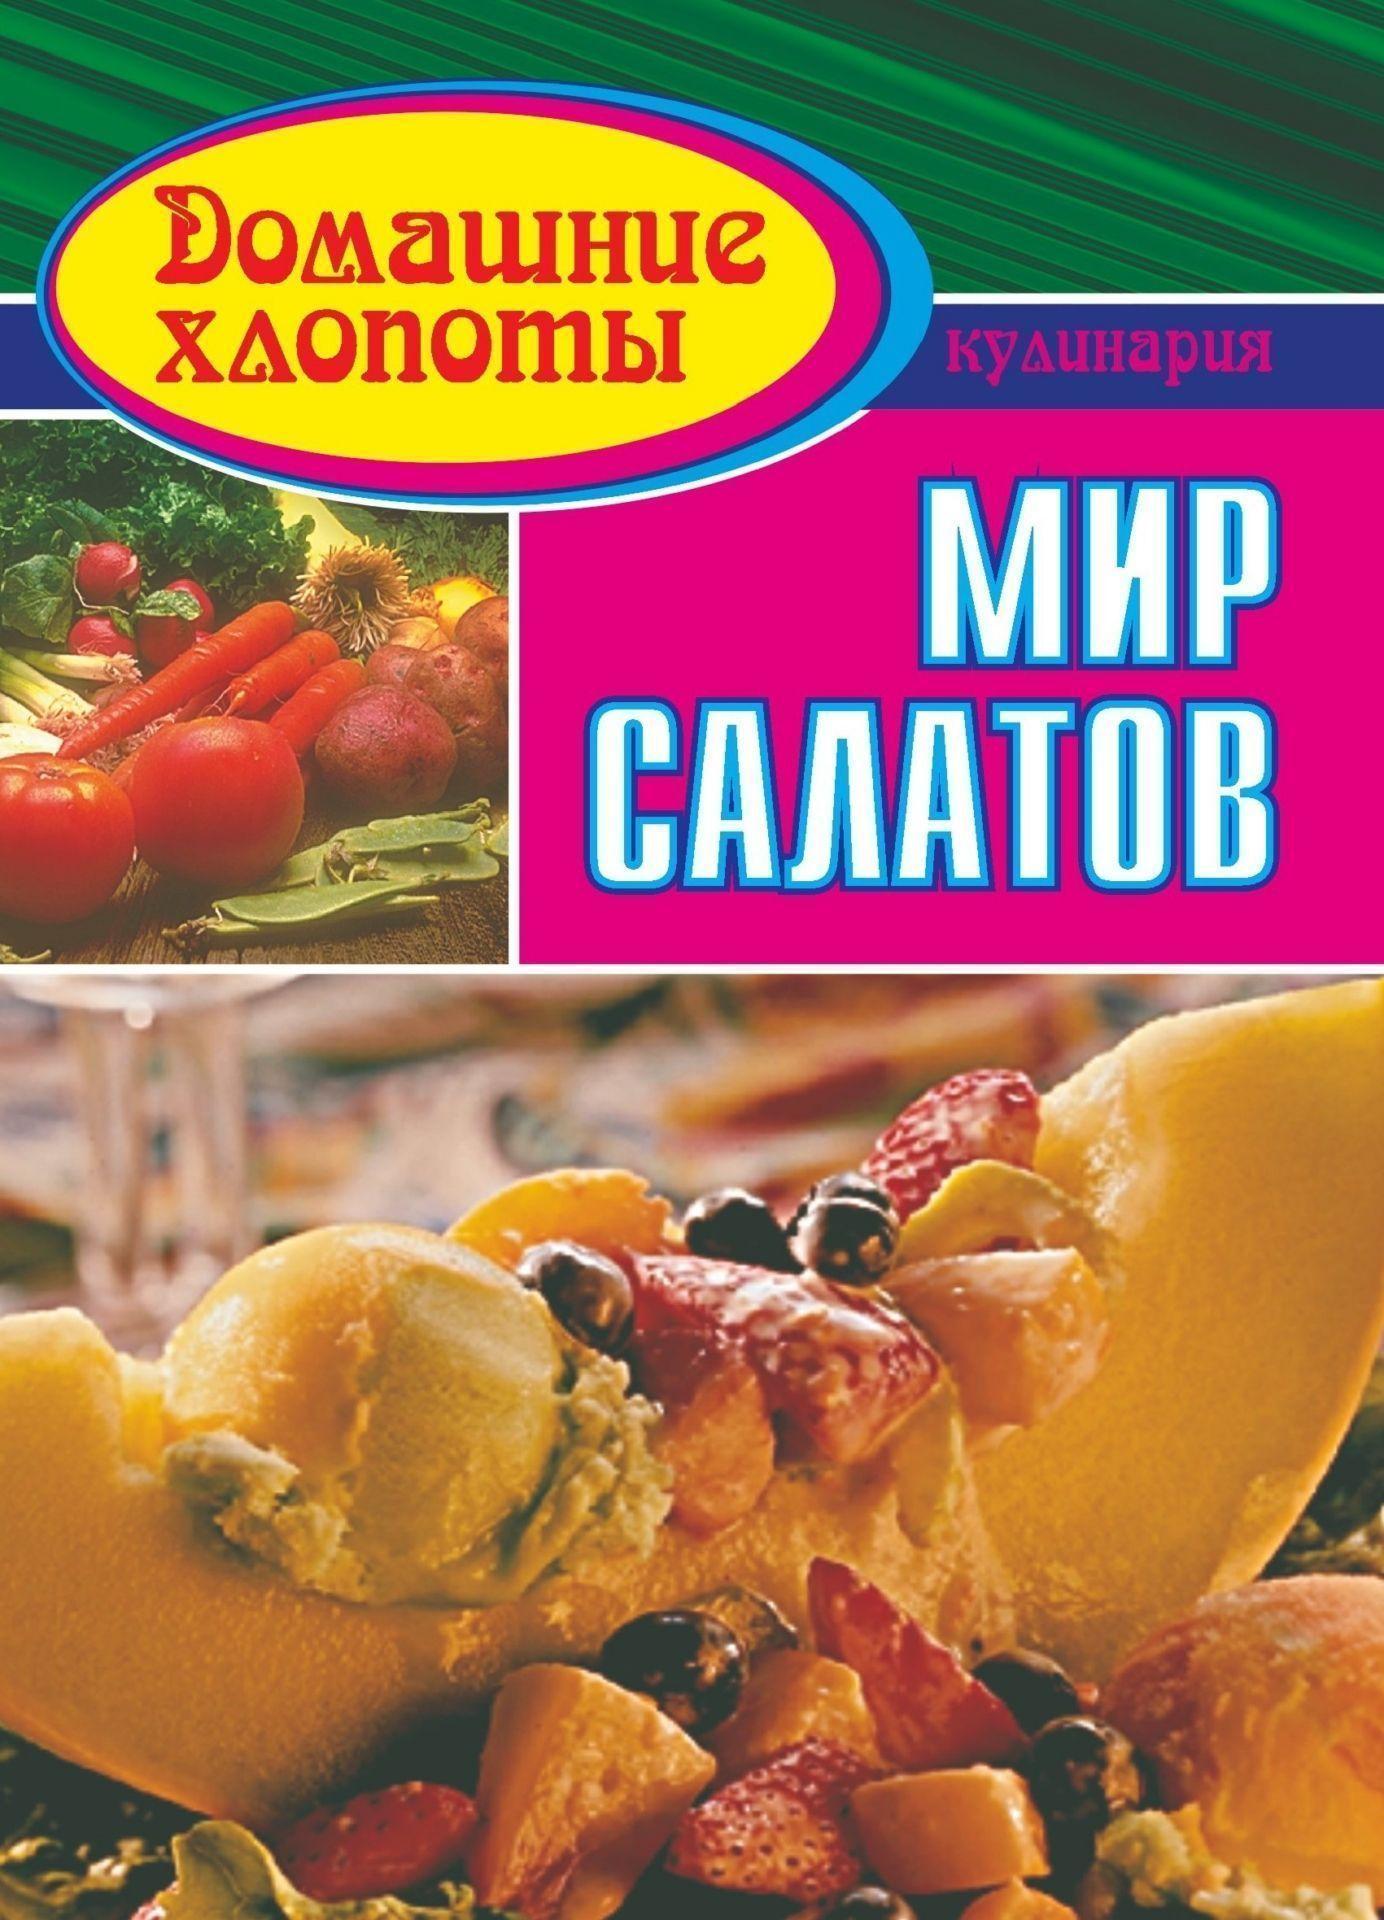 Мир салатовДом, семья<br>В данной брошюре предлагаются рецепты различных салатов: овощных, фруктовых, рыбных, мясных.Рекомендуемые салаты отличаются высокой витаминной насыщенностью, вкусовыми и питательными качествами.Адресуется широкому кругу читателей.<br><br>Авторы: Кочетов  Н. С.<br>Год: 2006<br>Серия: Домашние хлопоты<br>ISBN: 5-7057-0439-9<br>Высота: 195<br>Ширина: 140<br>Толщина: 4